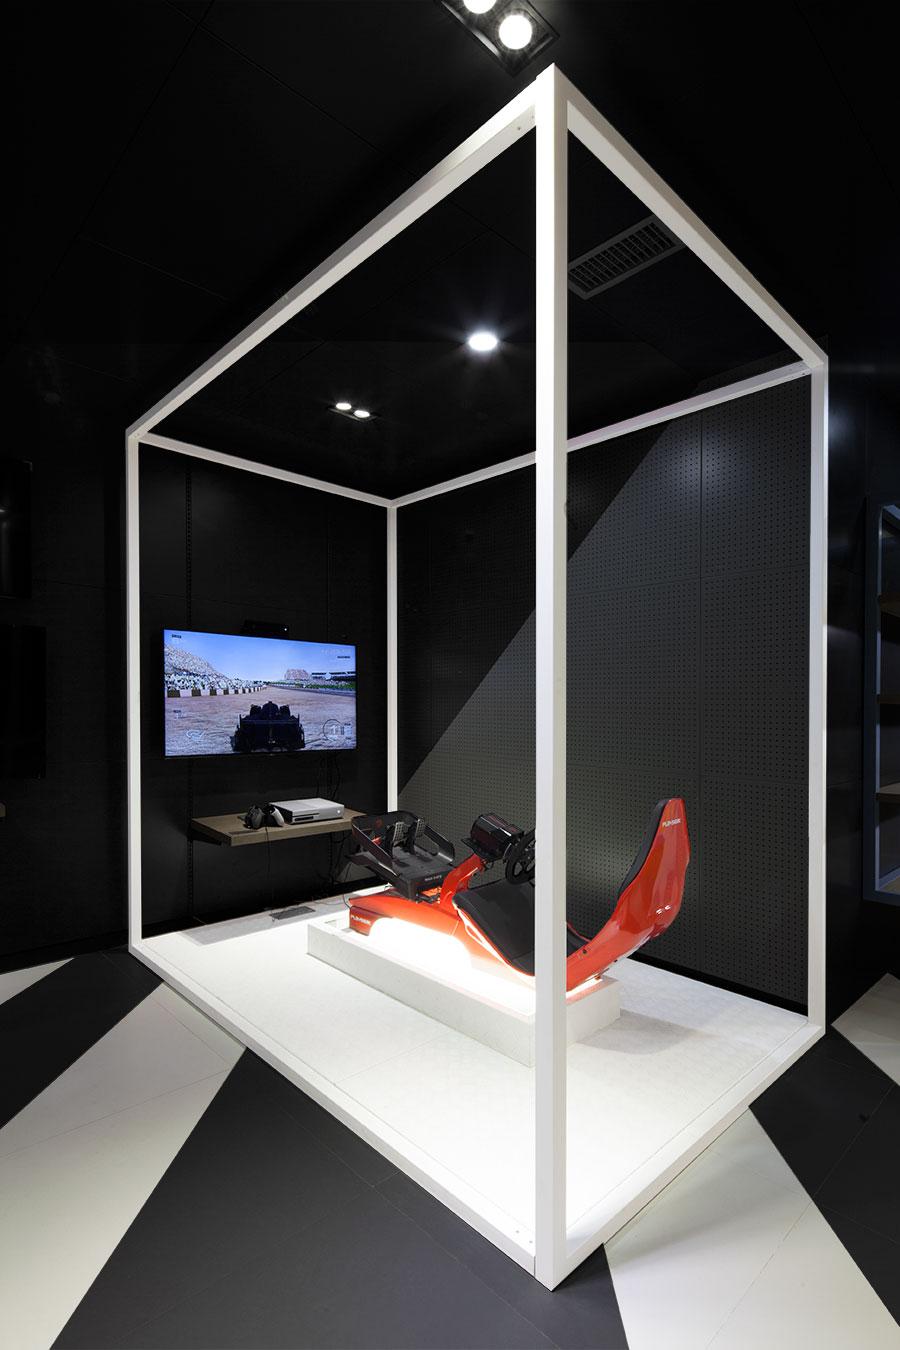 طراحی فضاهای نمایشگاهی